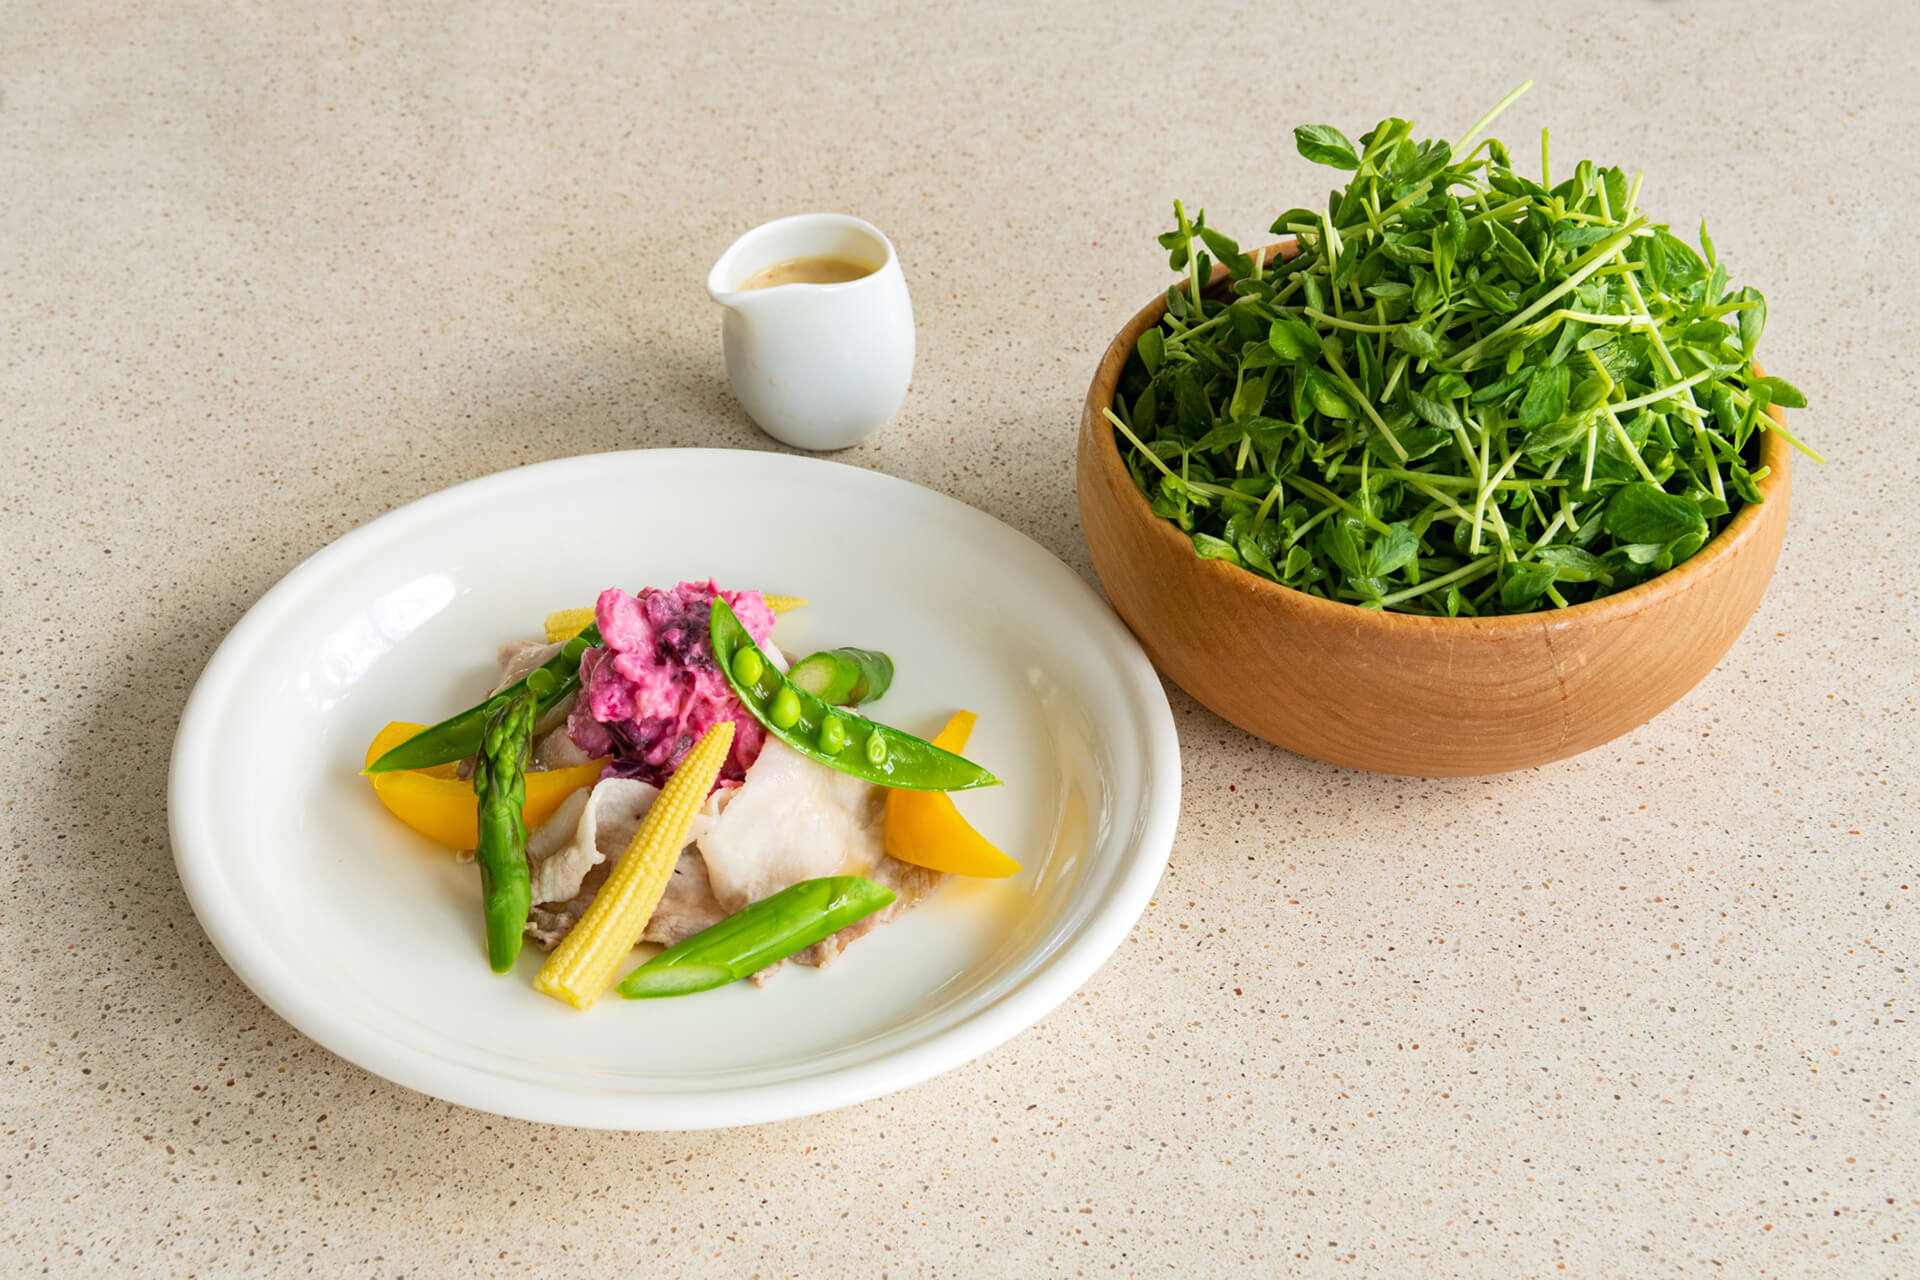 この写真は「豆苗カフェ」で販売する、豚しゃぶと彩り野菜の豆苗サラダ ~豆乳味噌ドレッシング~ です